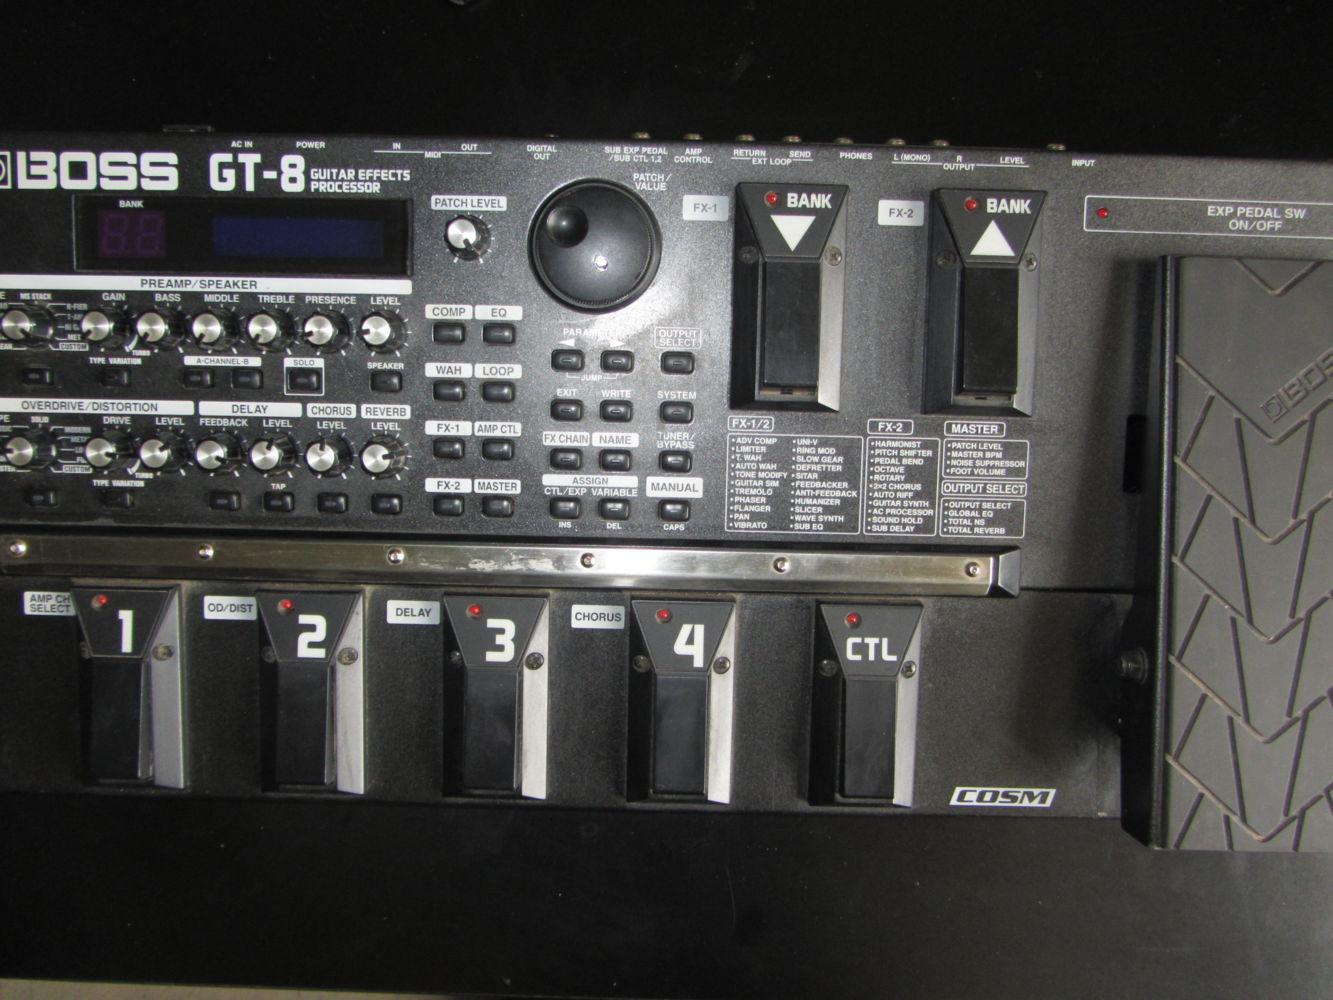 boss gt 8 image 1468468 audiofanzine rh en audiofanzine com boss gt 8 manual pdf download boss gt 8 manual pdf